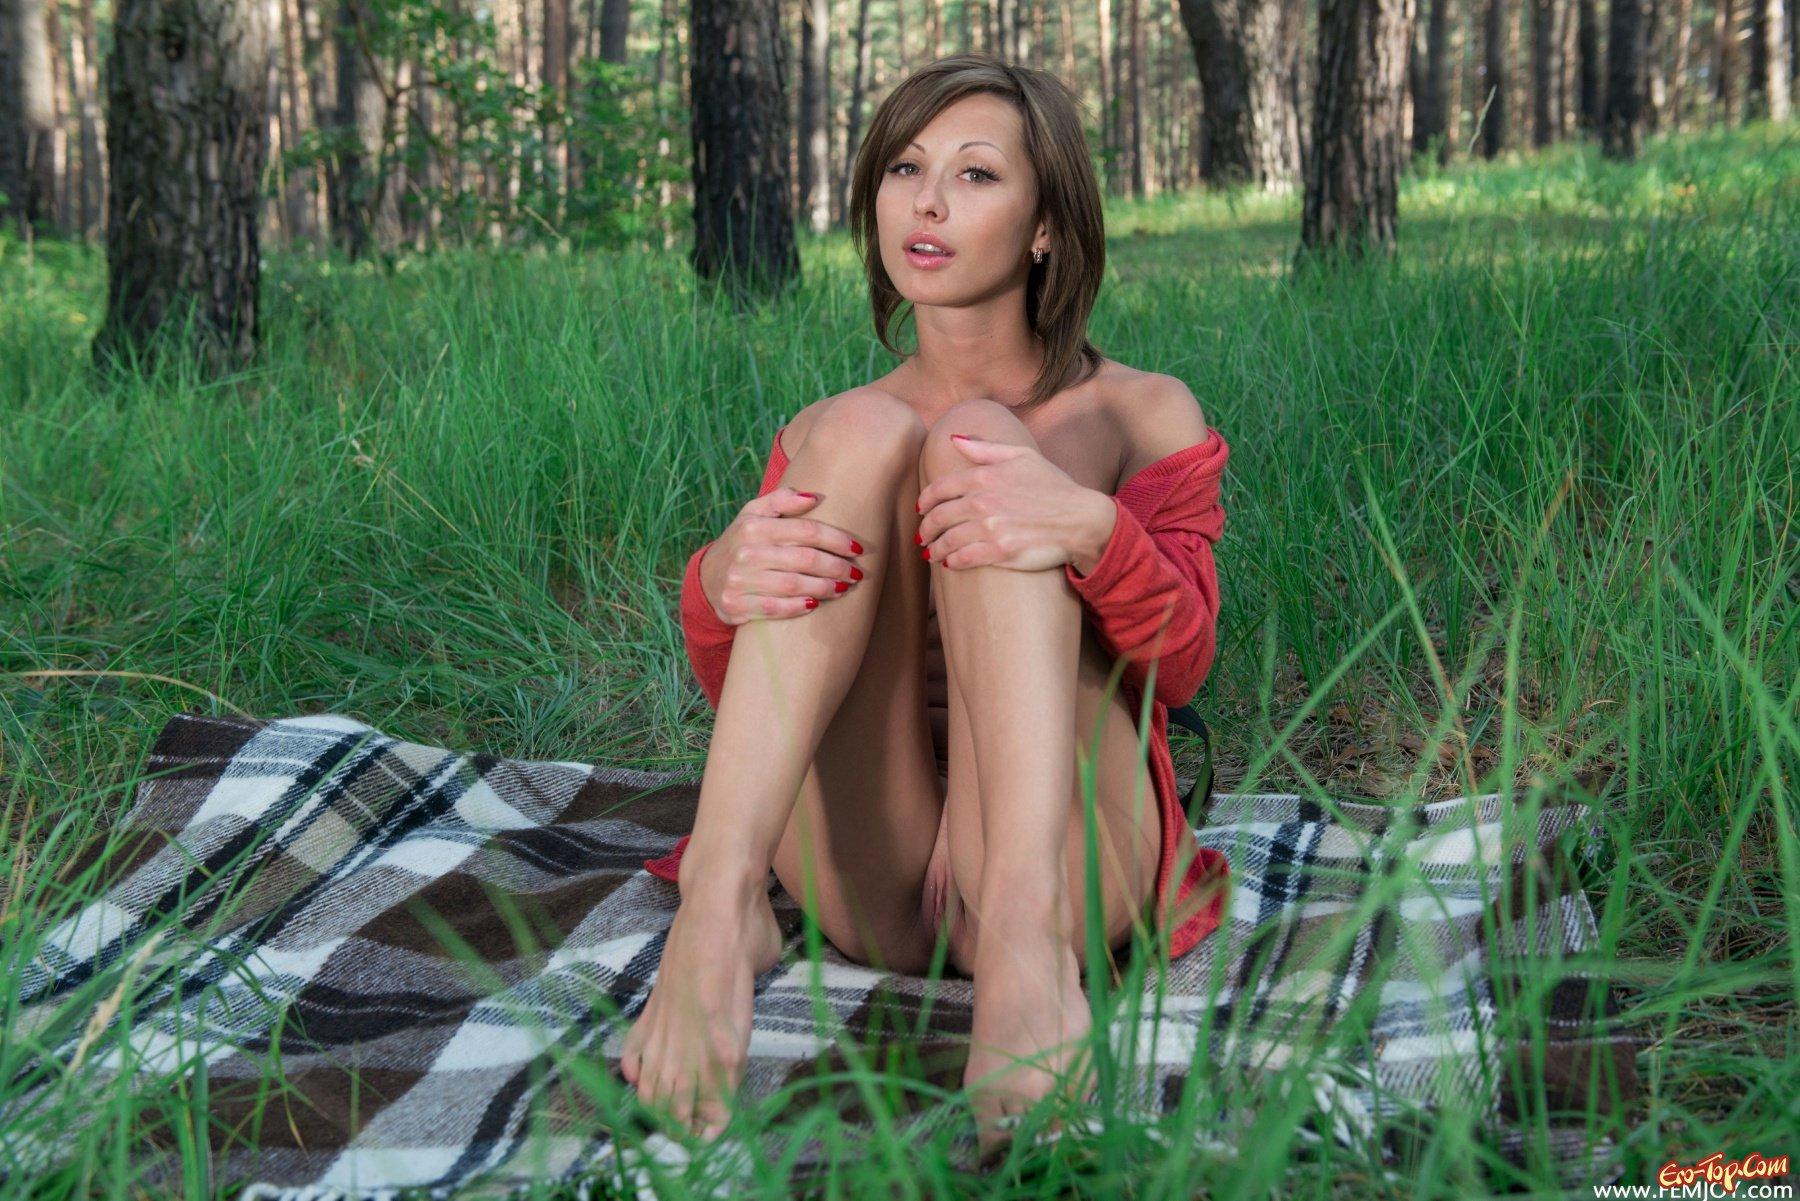 Красивая голая русская девушка